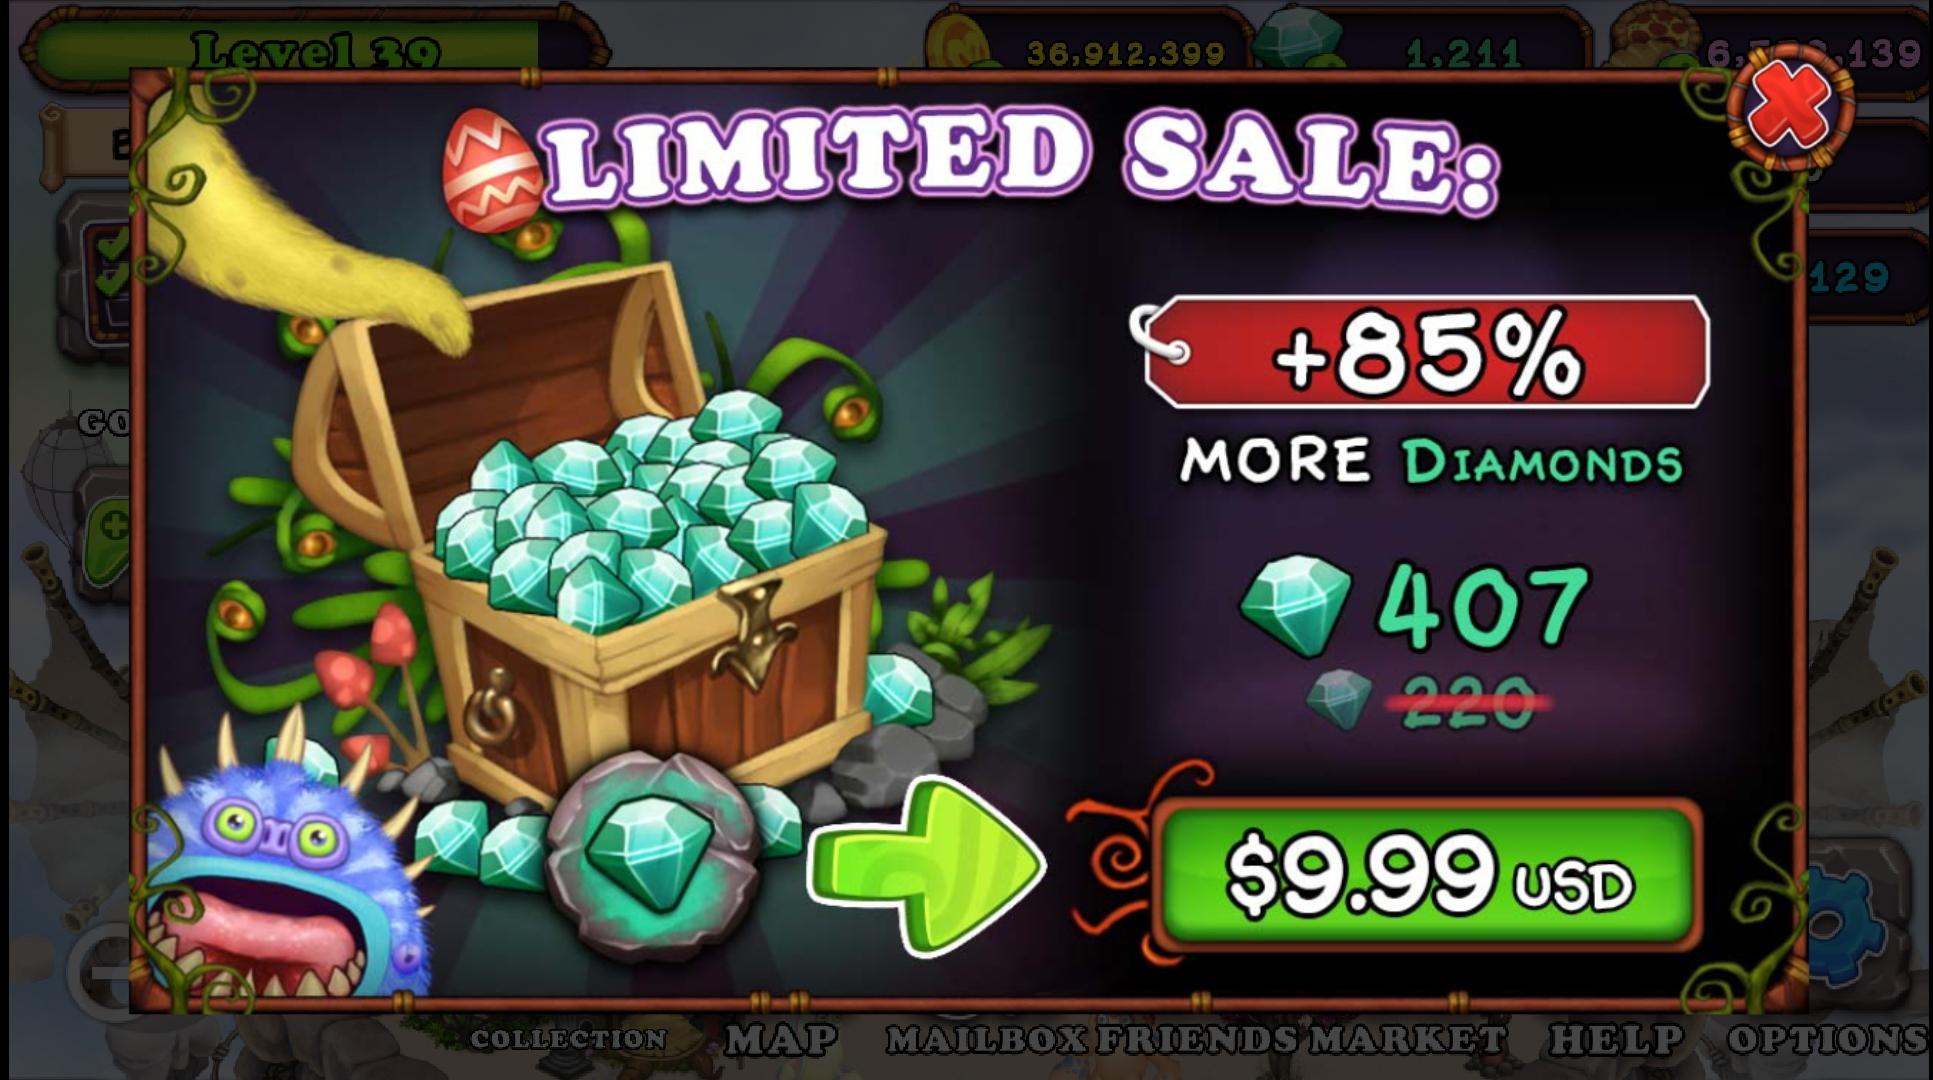 9.99 Diamond Sale Promotion